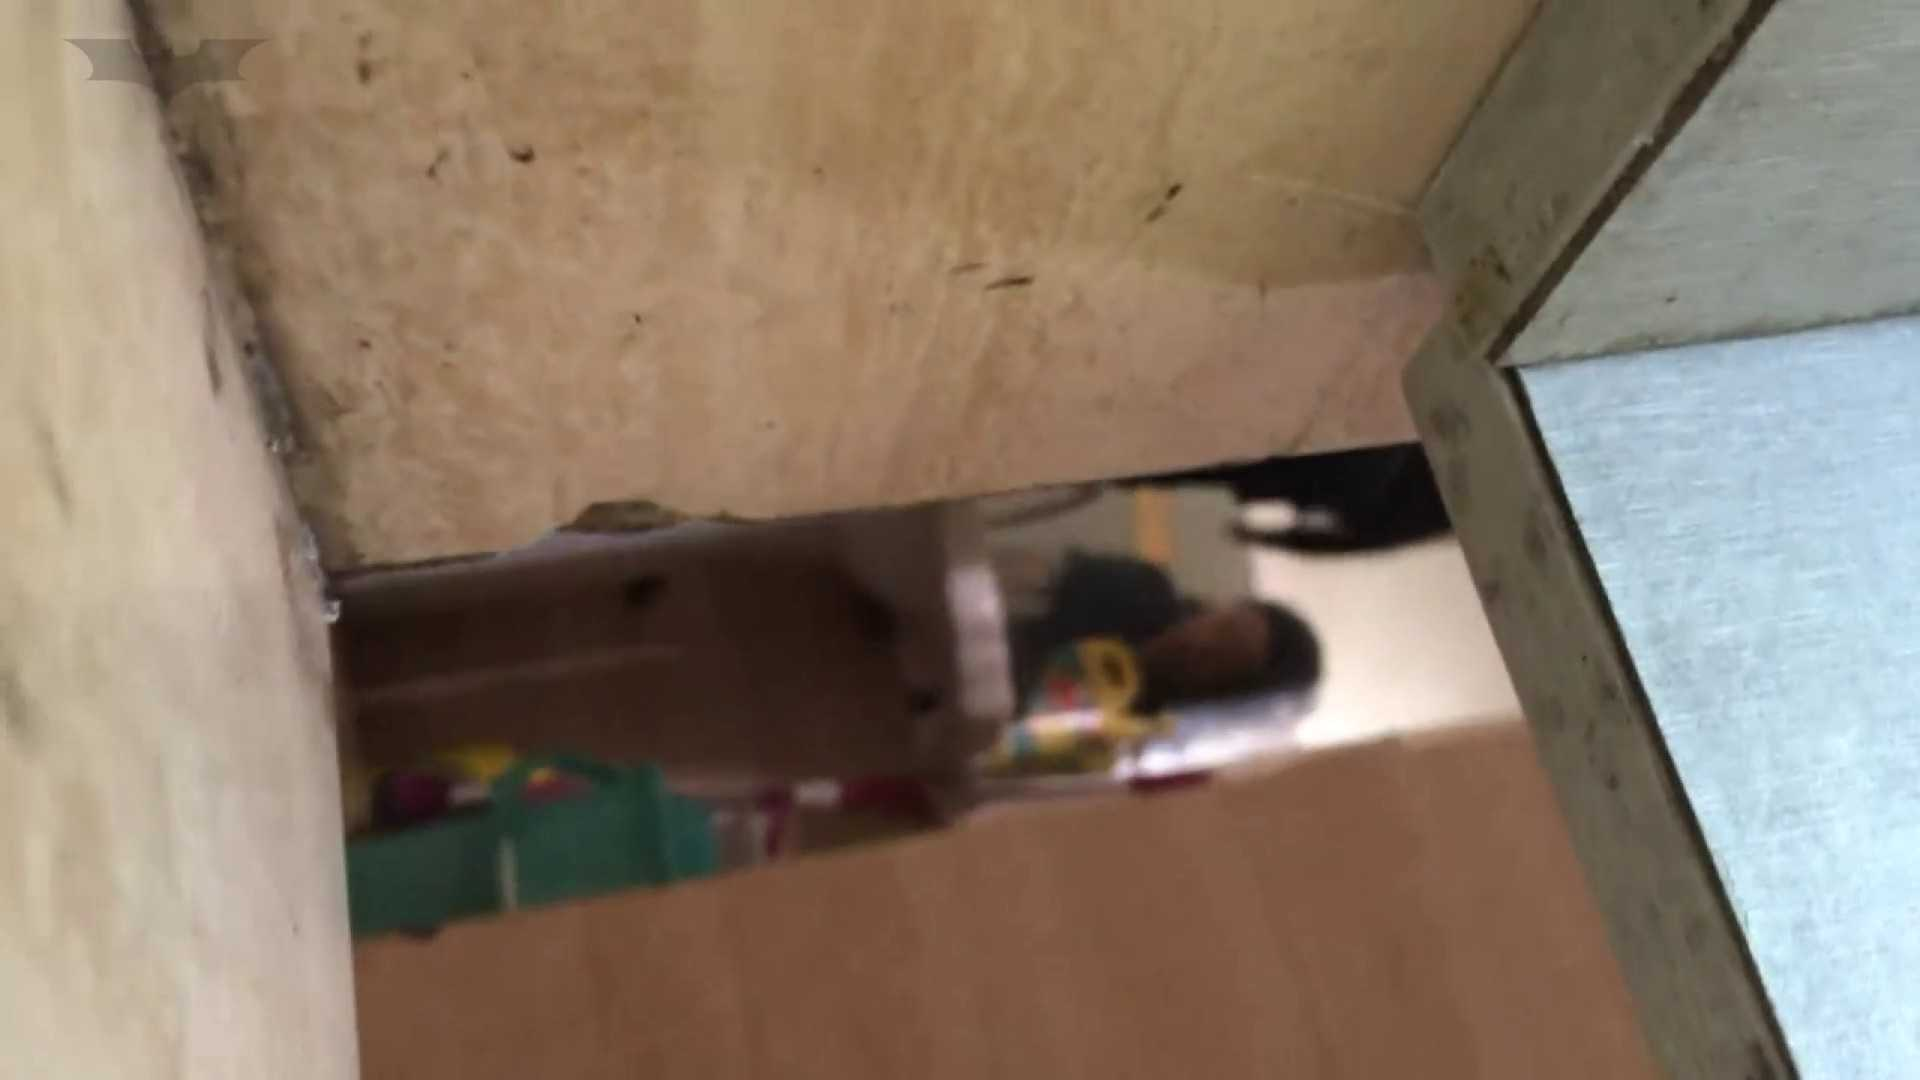 JD盗撮 美女の洗面所の秘密 Vol.38 洗面所 SEX無修正画像 110pic 9